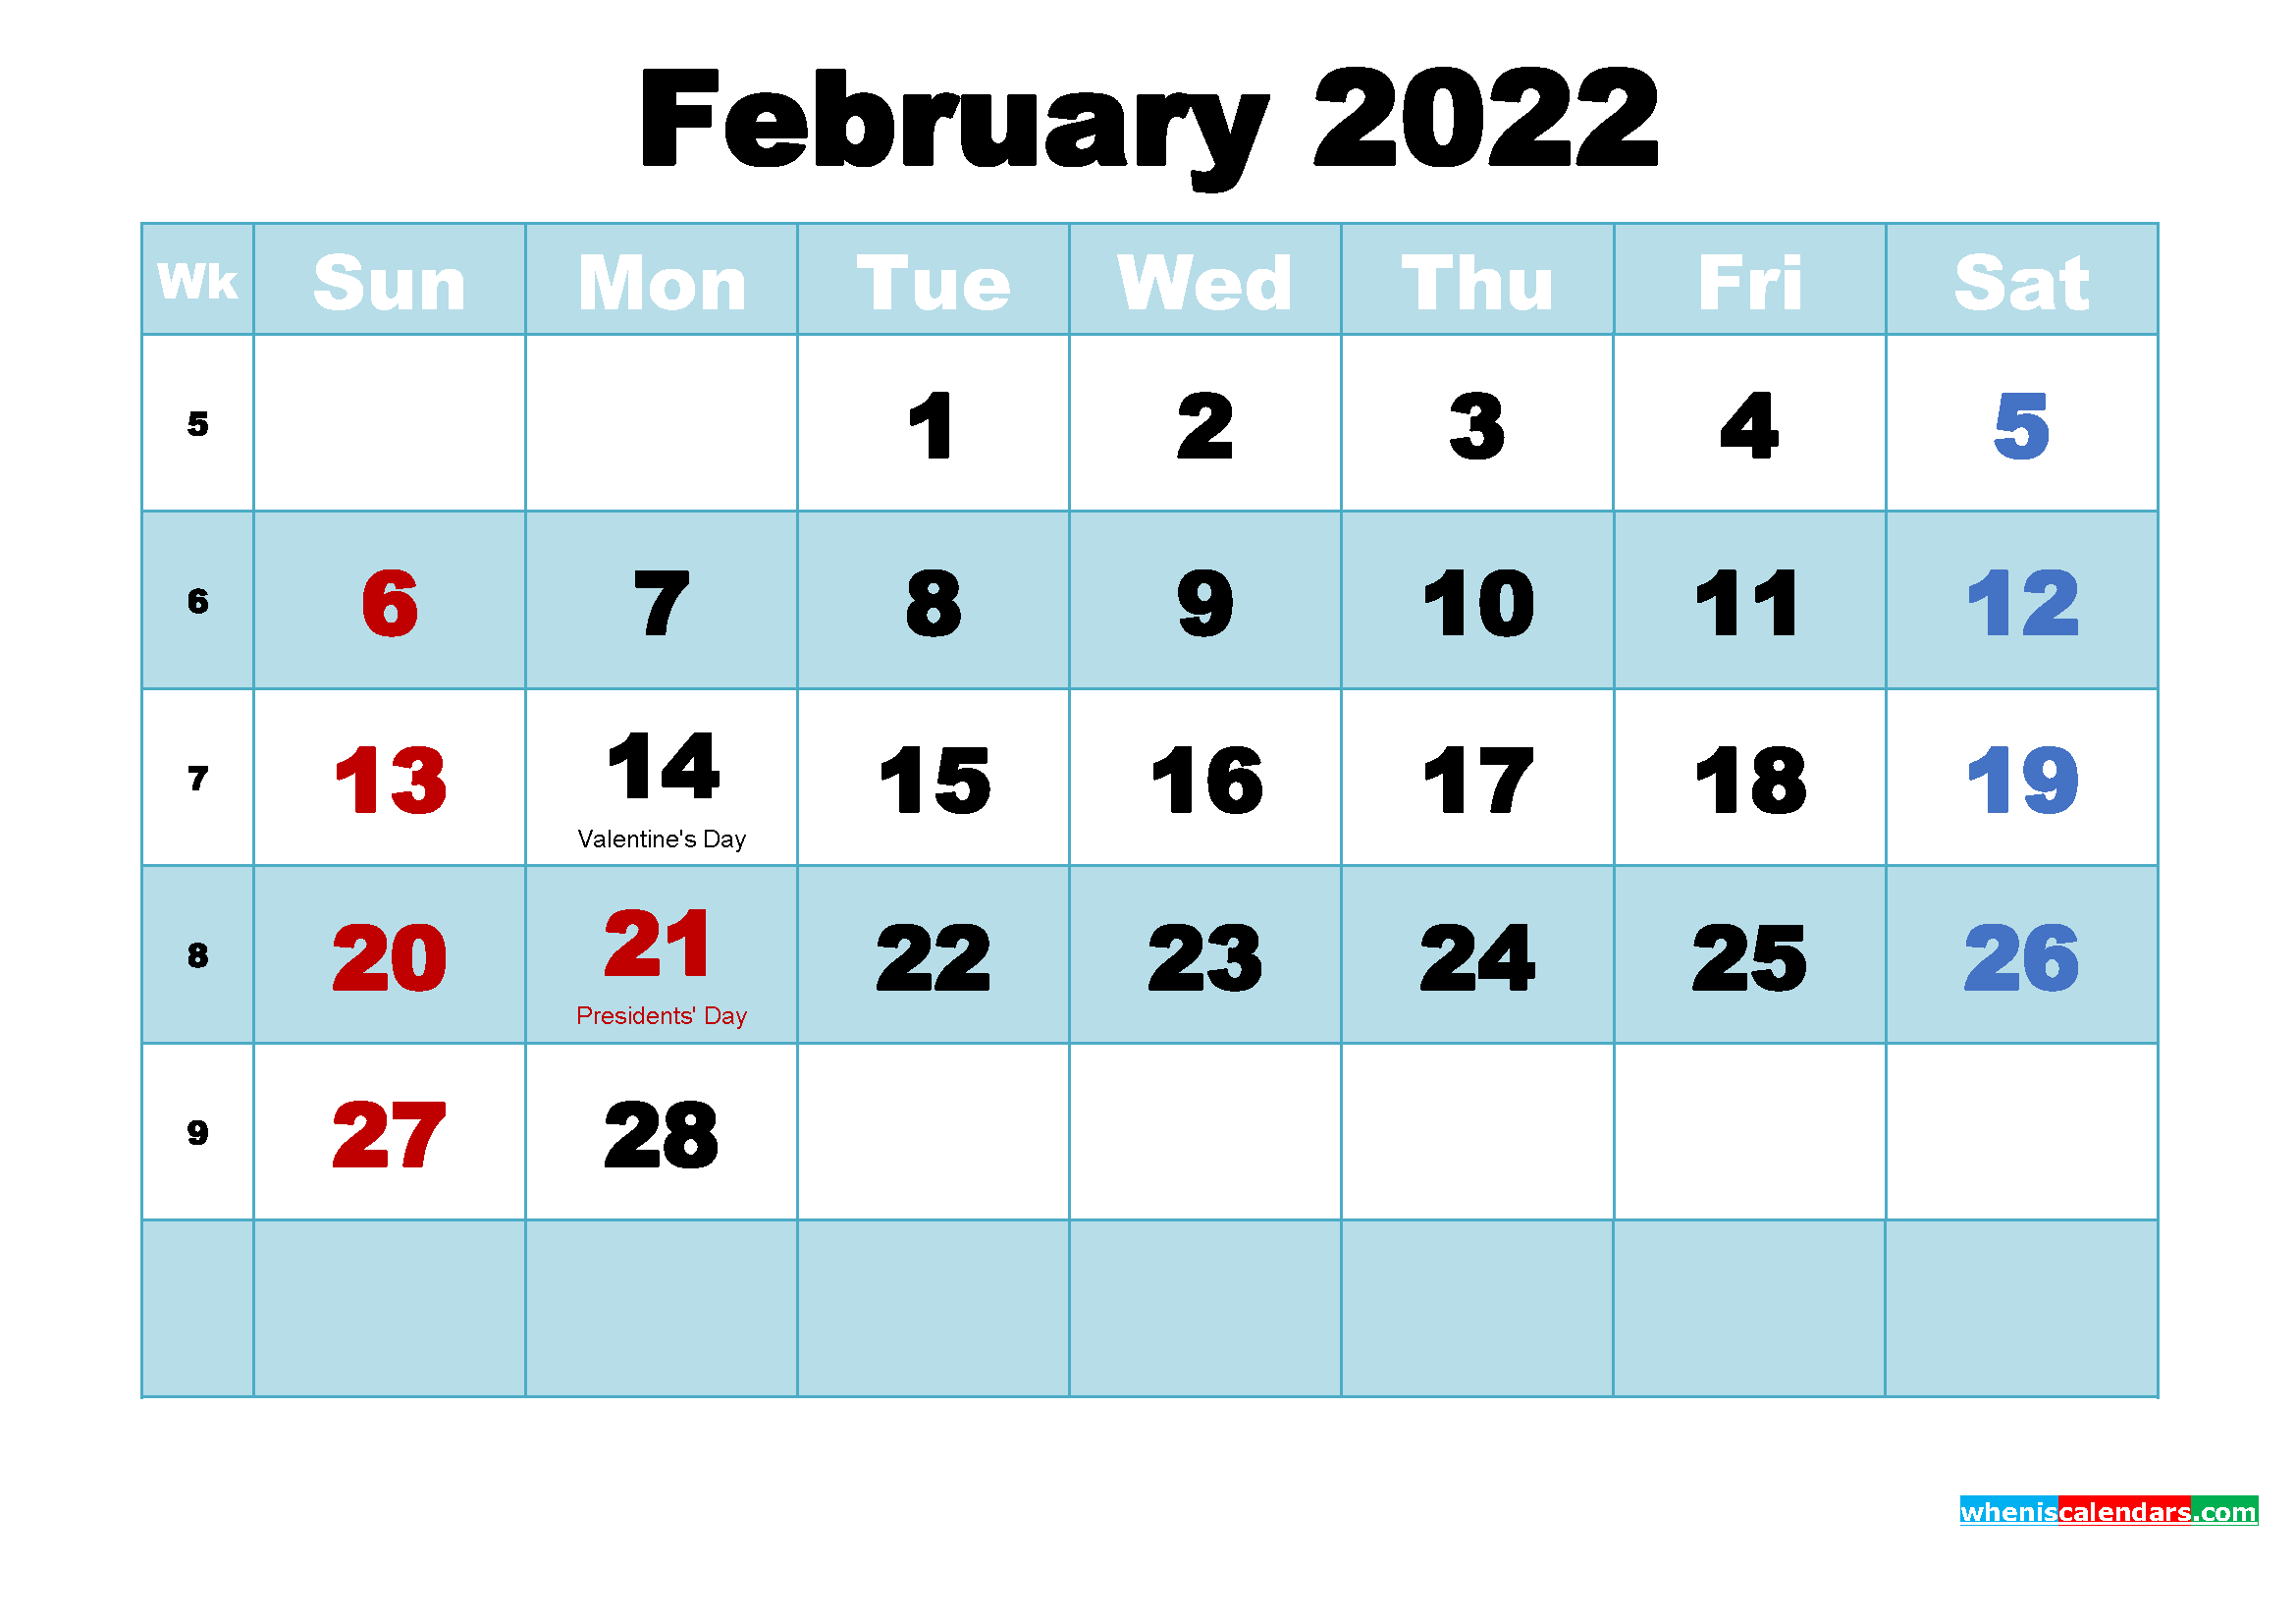 February 2022 Calendar Wallpaper High Resolution